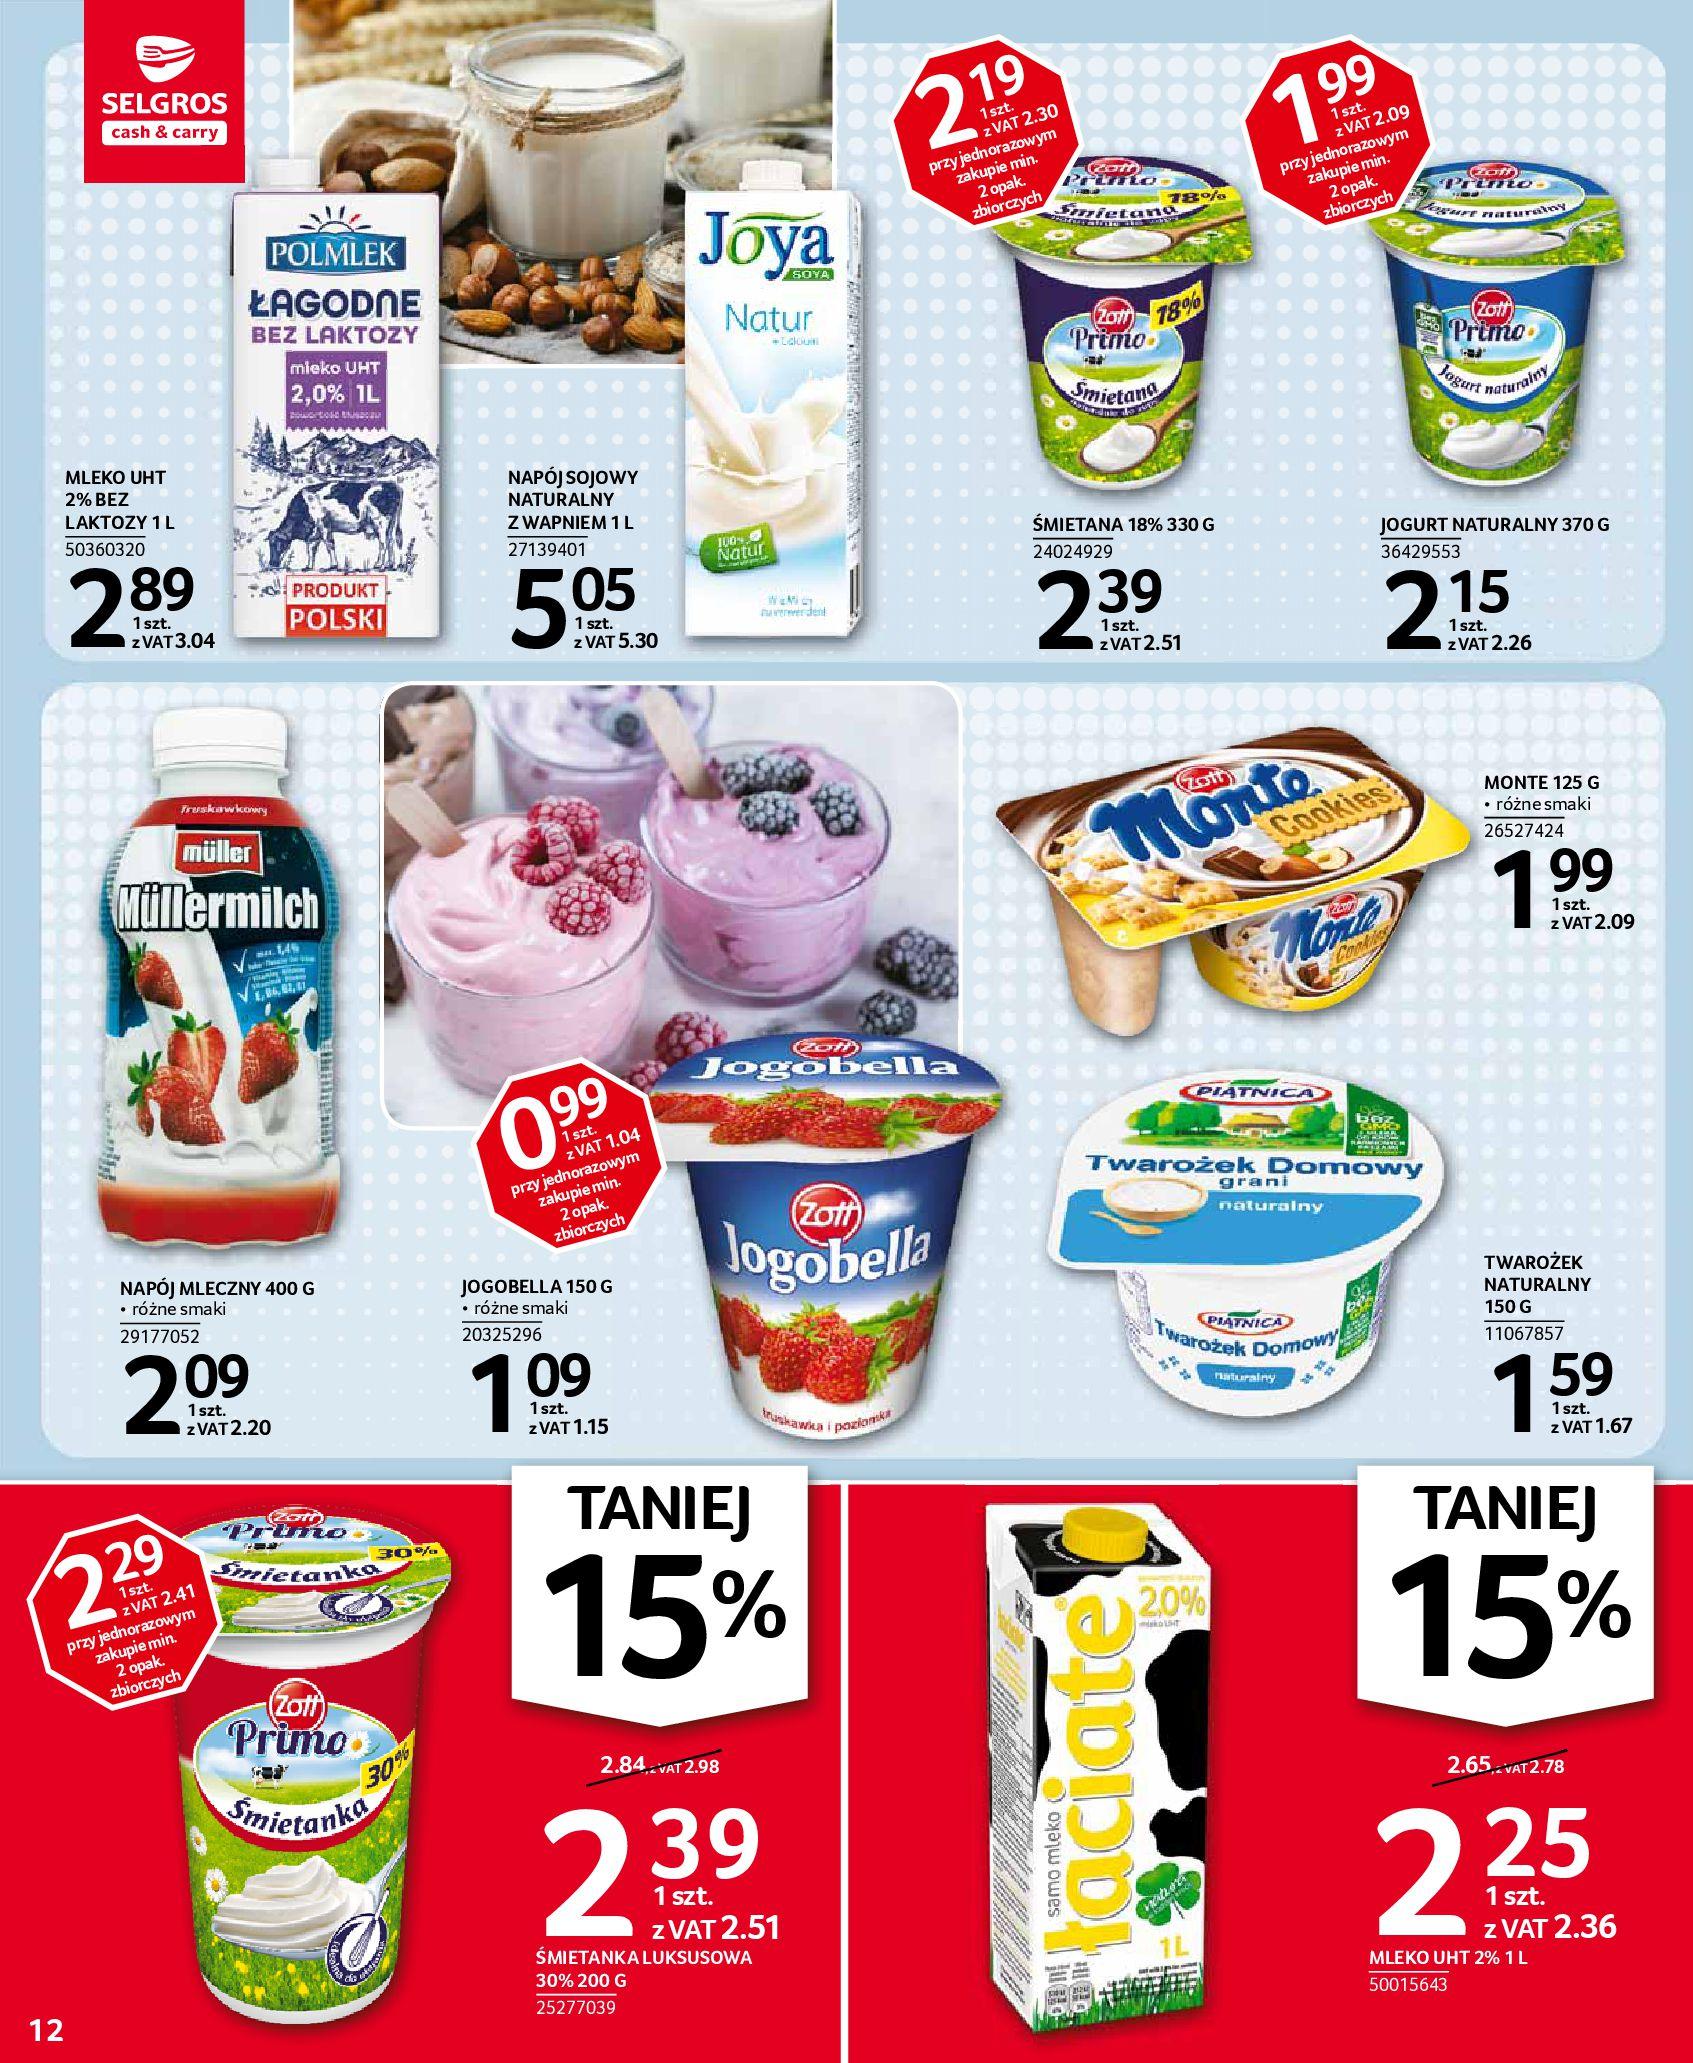 Gazetka Selgros: Oferta spożywcza 2021-01-07 page-12